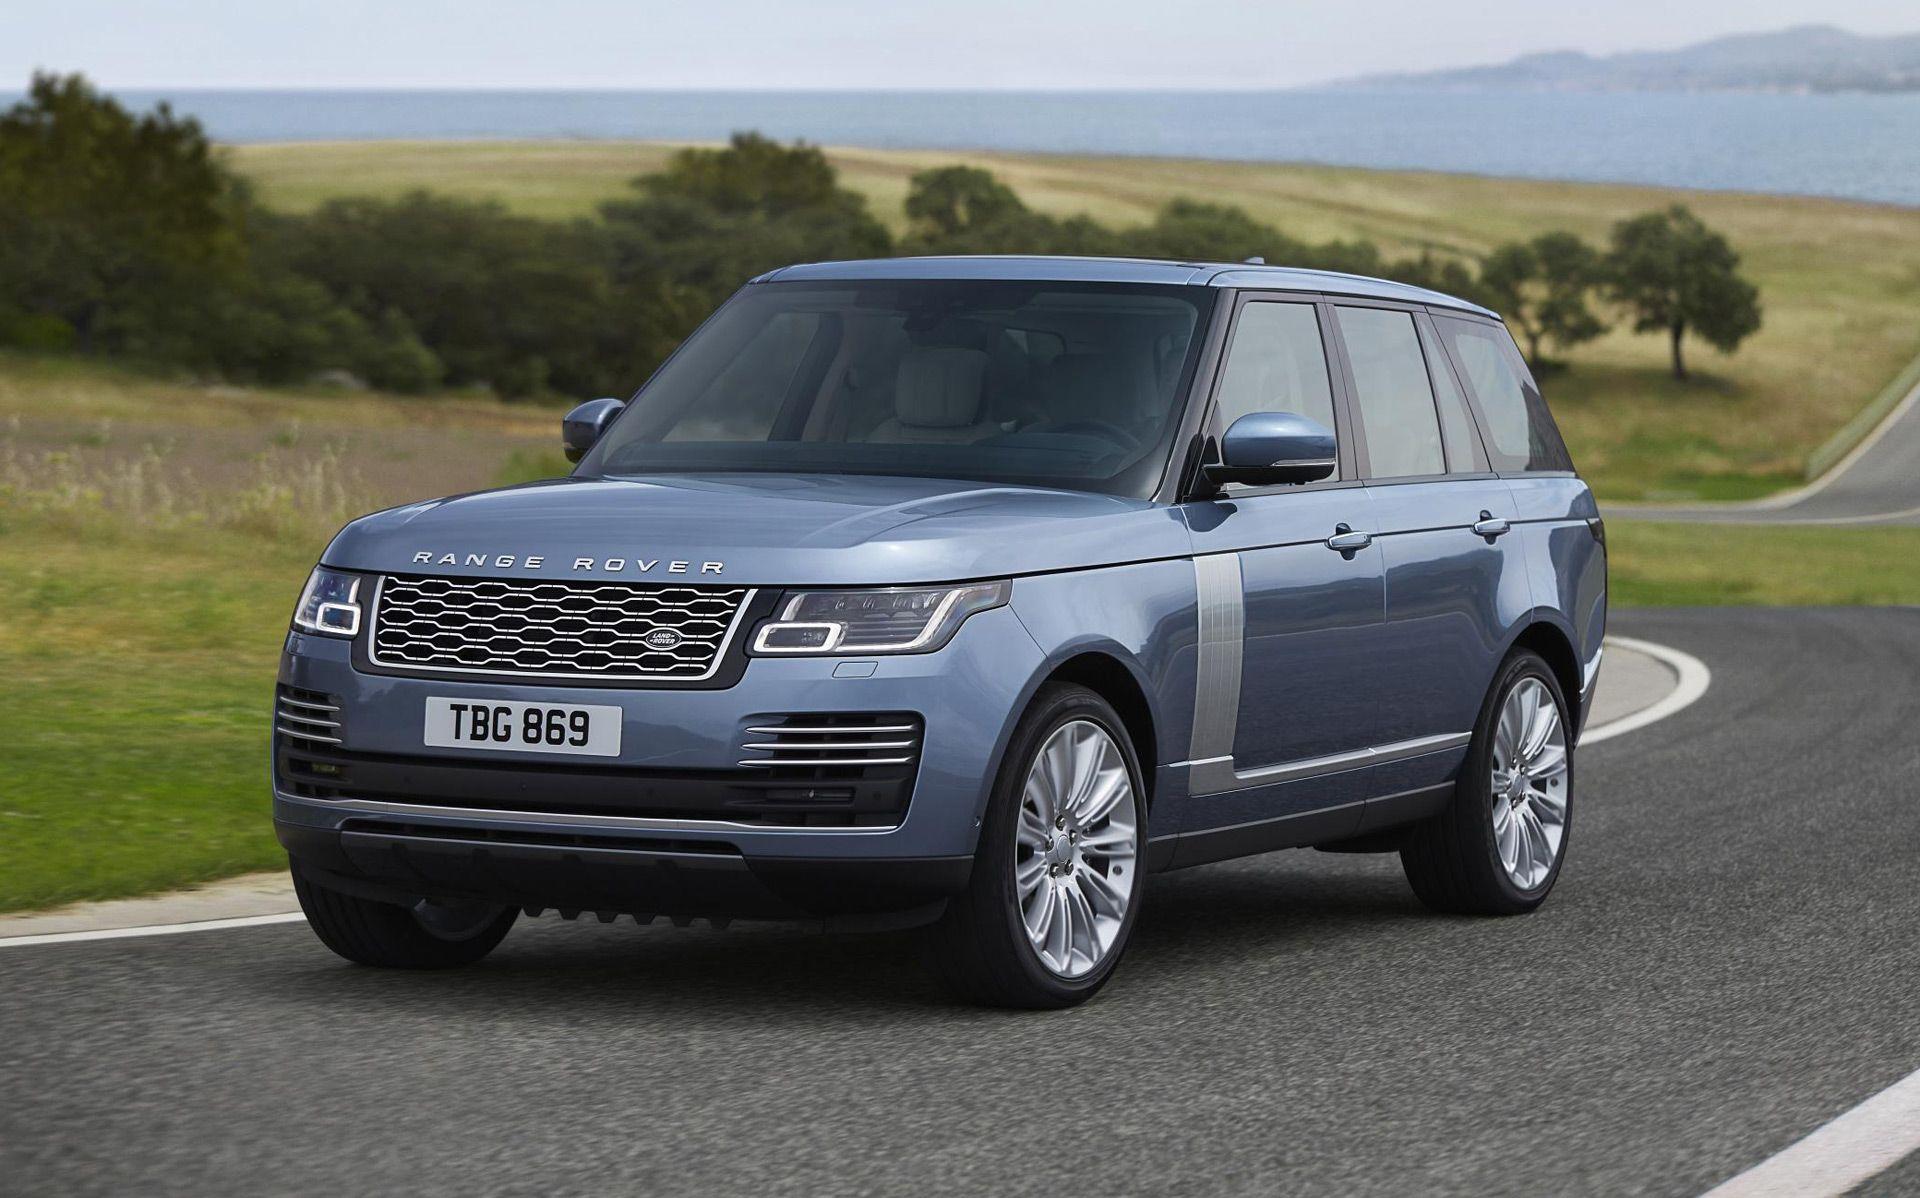 2018 Land Rover Range Rover preview 玩藝 Range rover